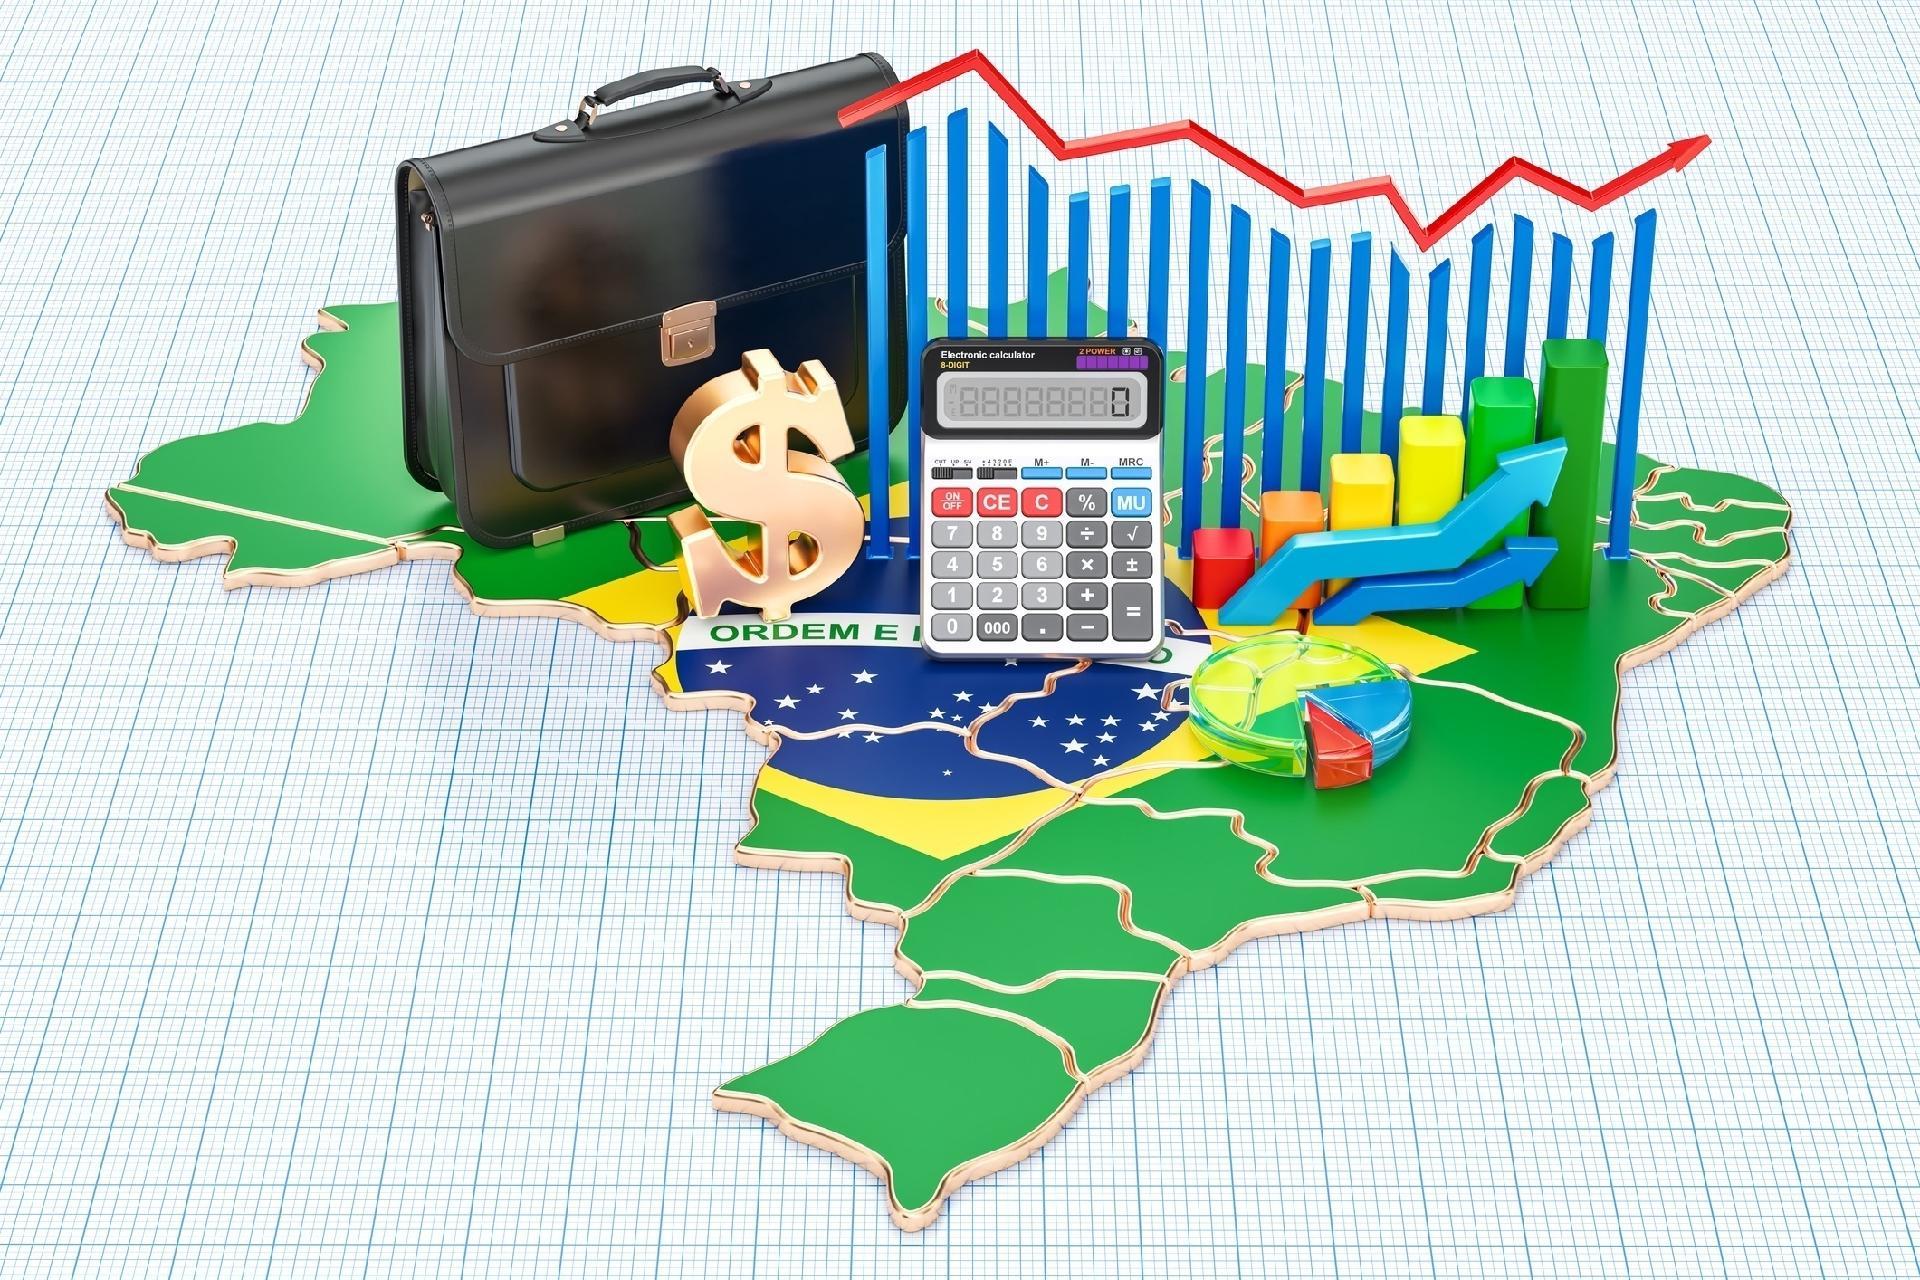 Por que o PIB não decolou e em 2019 pode ser pior que o esperado? -  28/02/2019 - UOL Economia